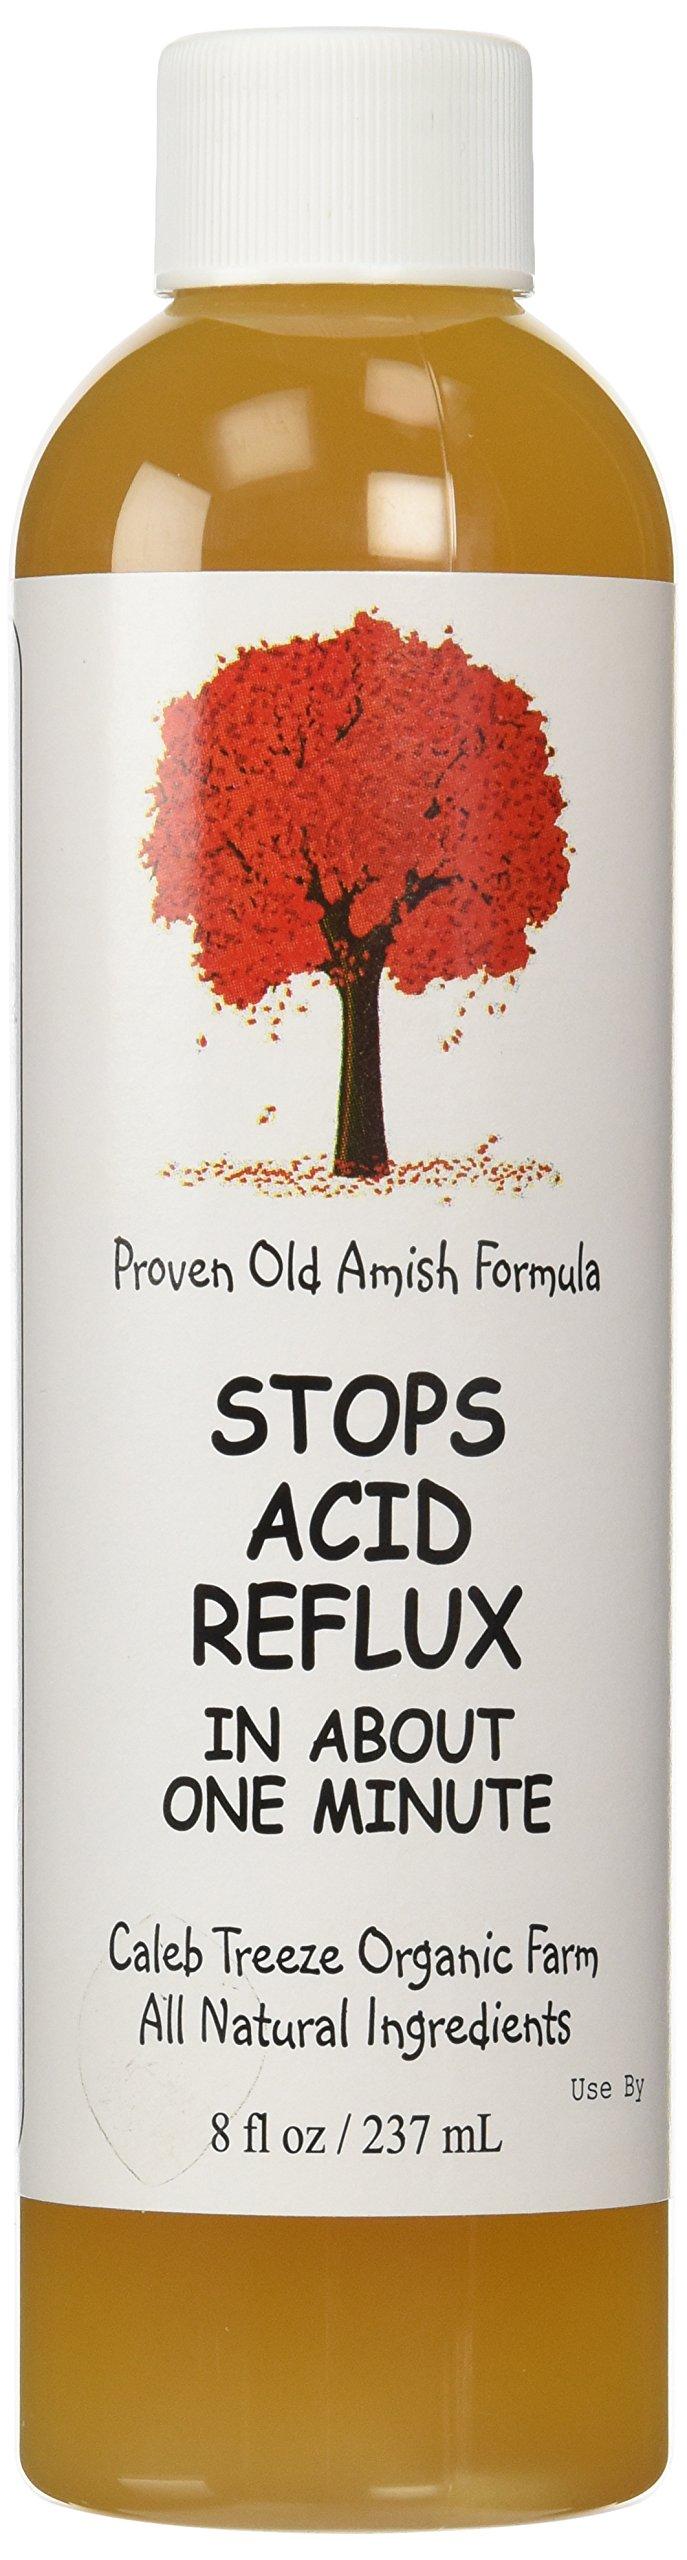 Stops Acid Reflux